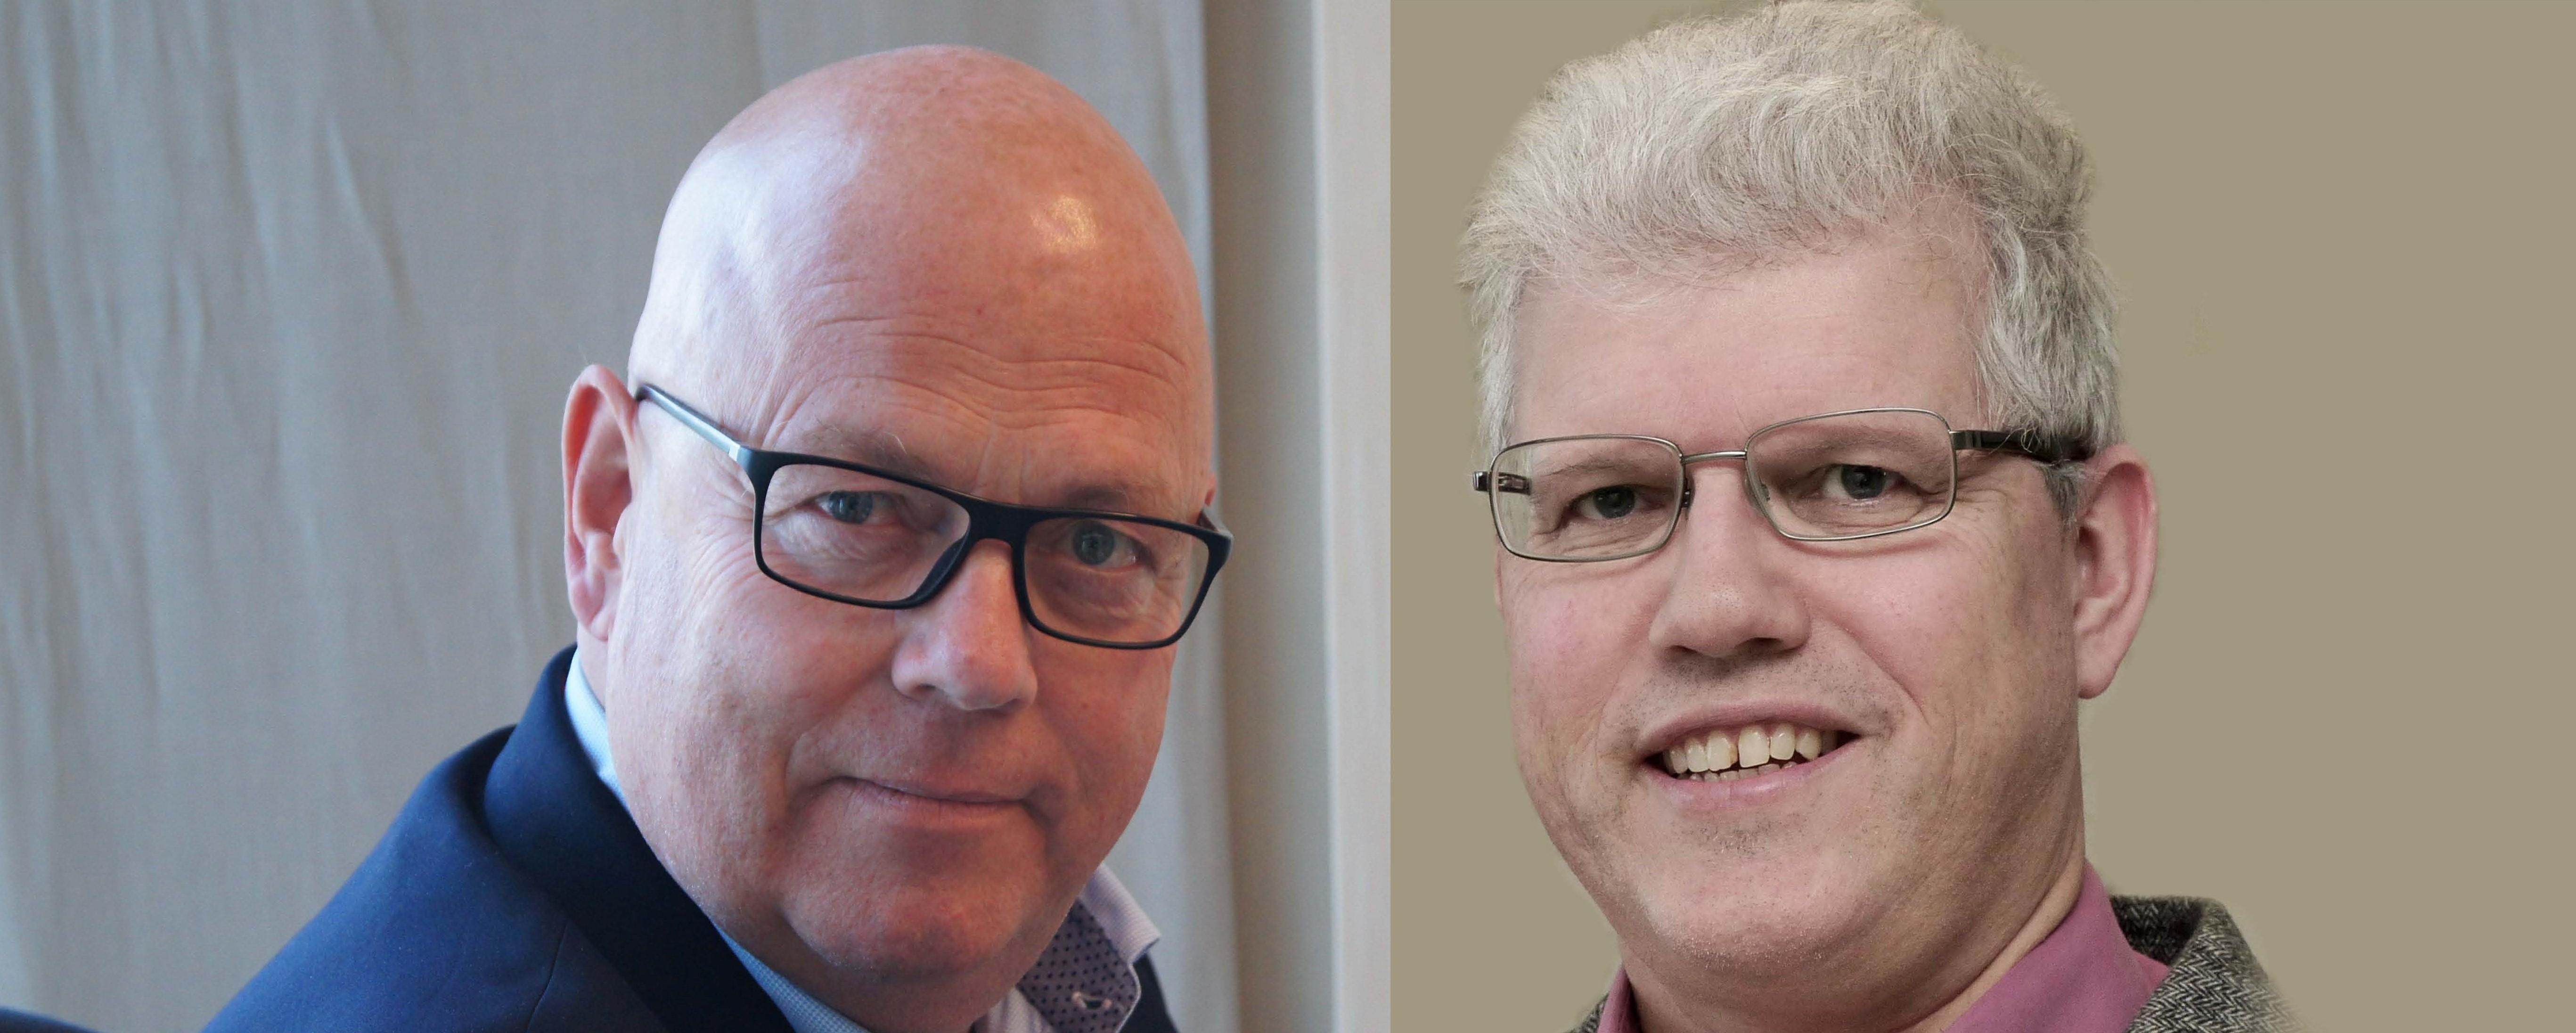 Anbud365: Anbud365-kommentatorer Ja til å stille som referanser